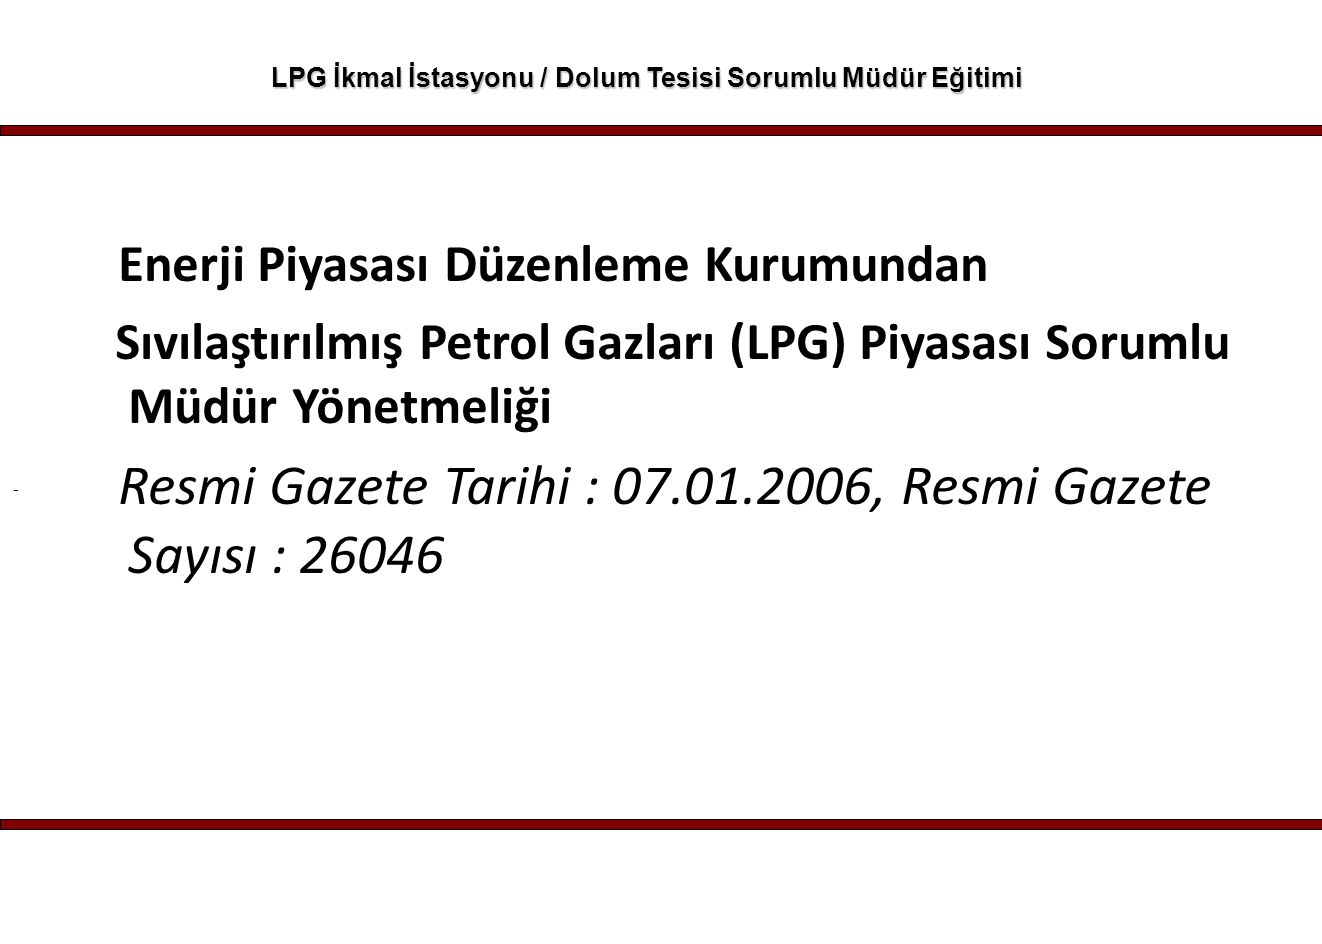 - LPG İkmal İstasyonu / Dolum Tesisi Sorumlu Müdür Eğitimi Enerji Piyasası Düzenleme Kurumundan Sıvılaştırılmış Petrol Gazları (LPG) Piyasası Sorumlu